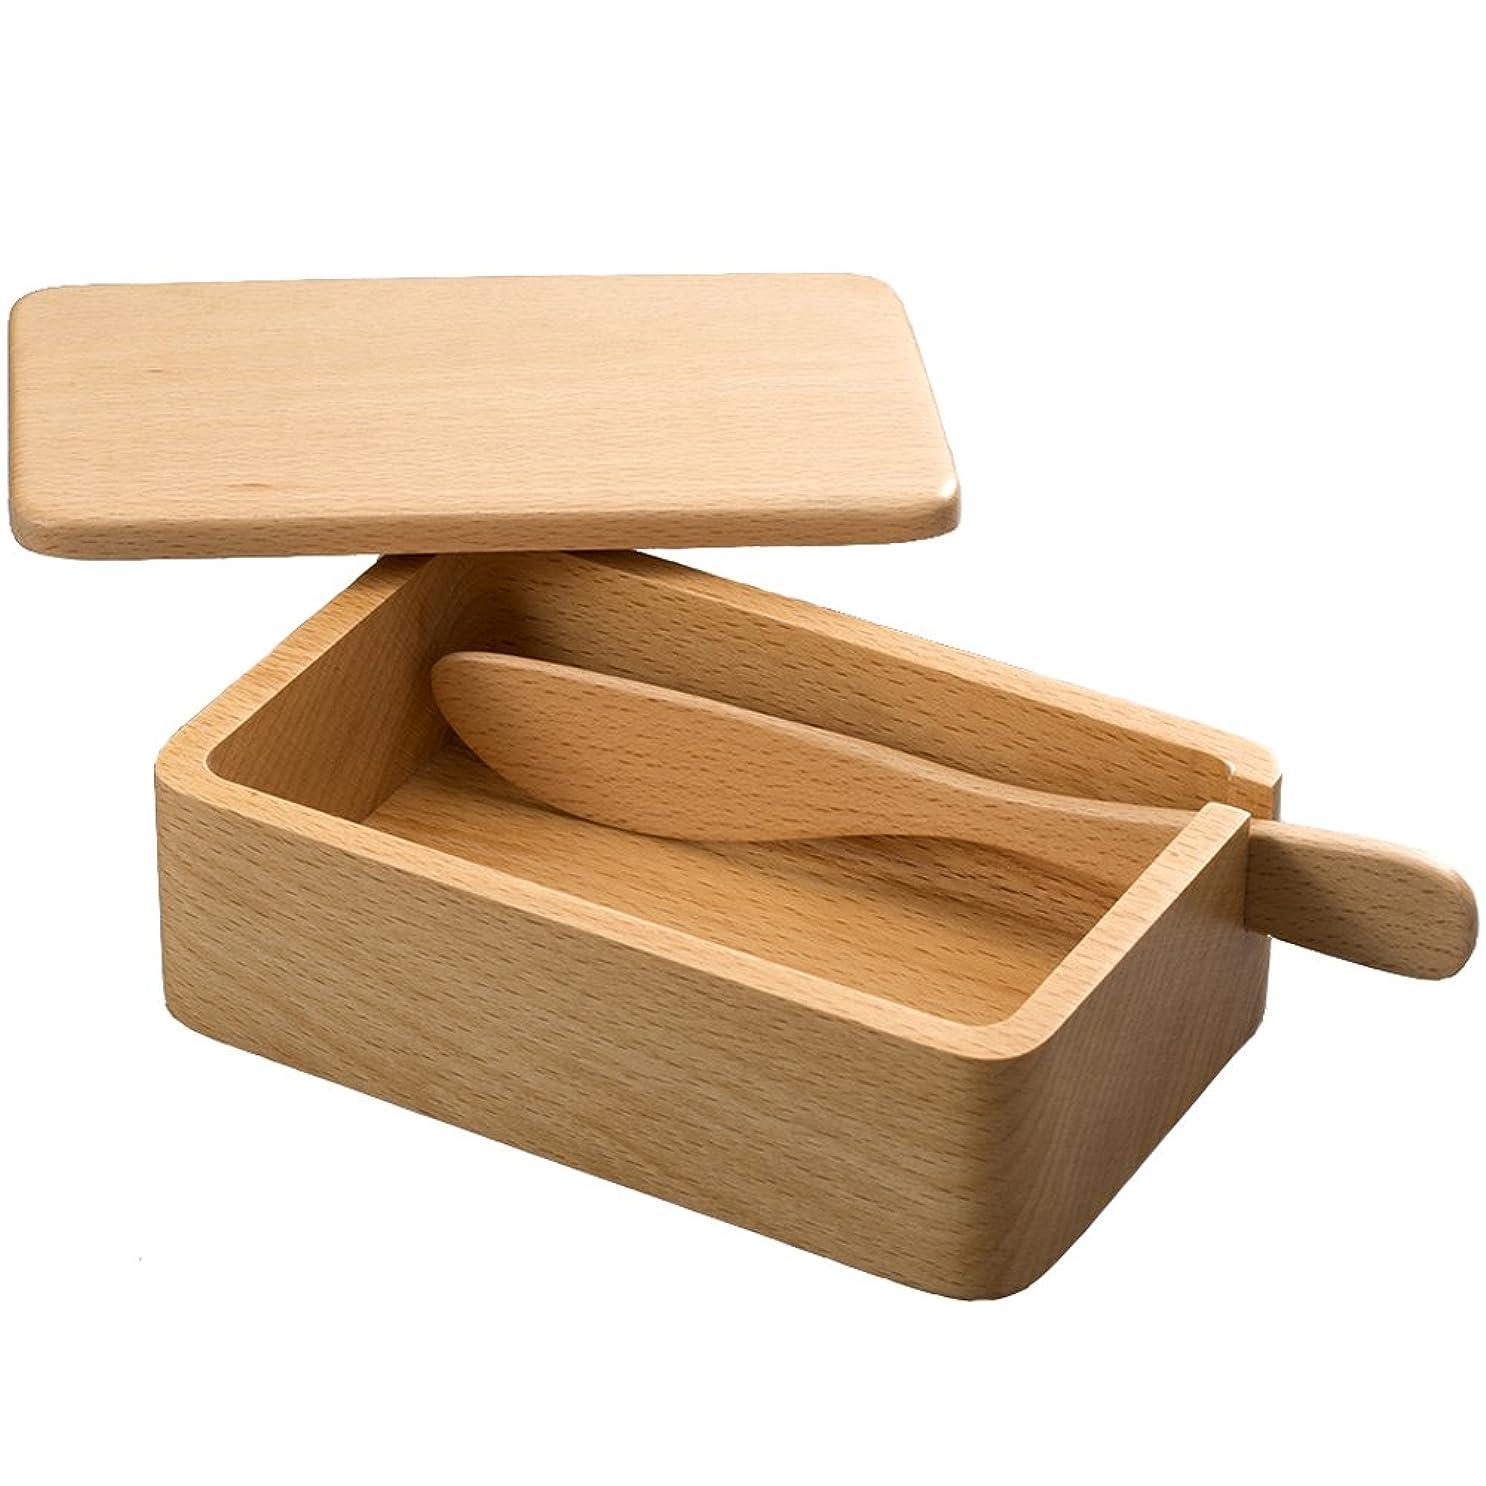 不倫決して裁判所ナガオ 橅(ブナ)の木 くりぬき バターケース バターナイフ付